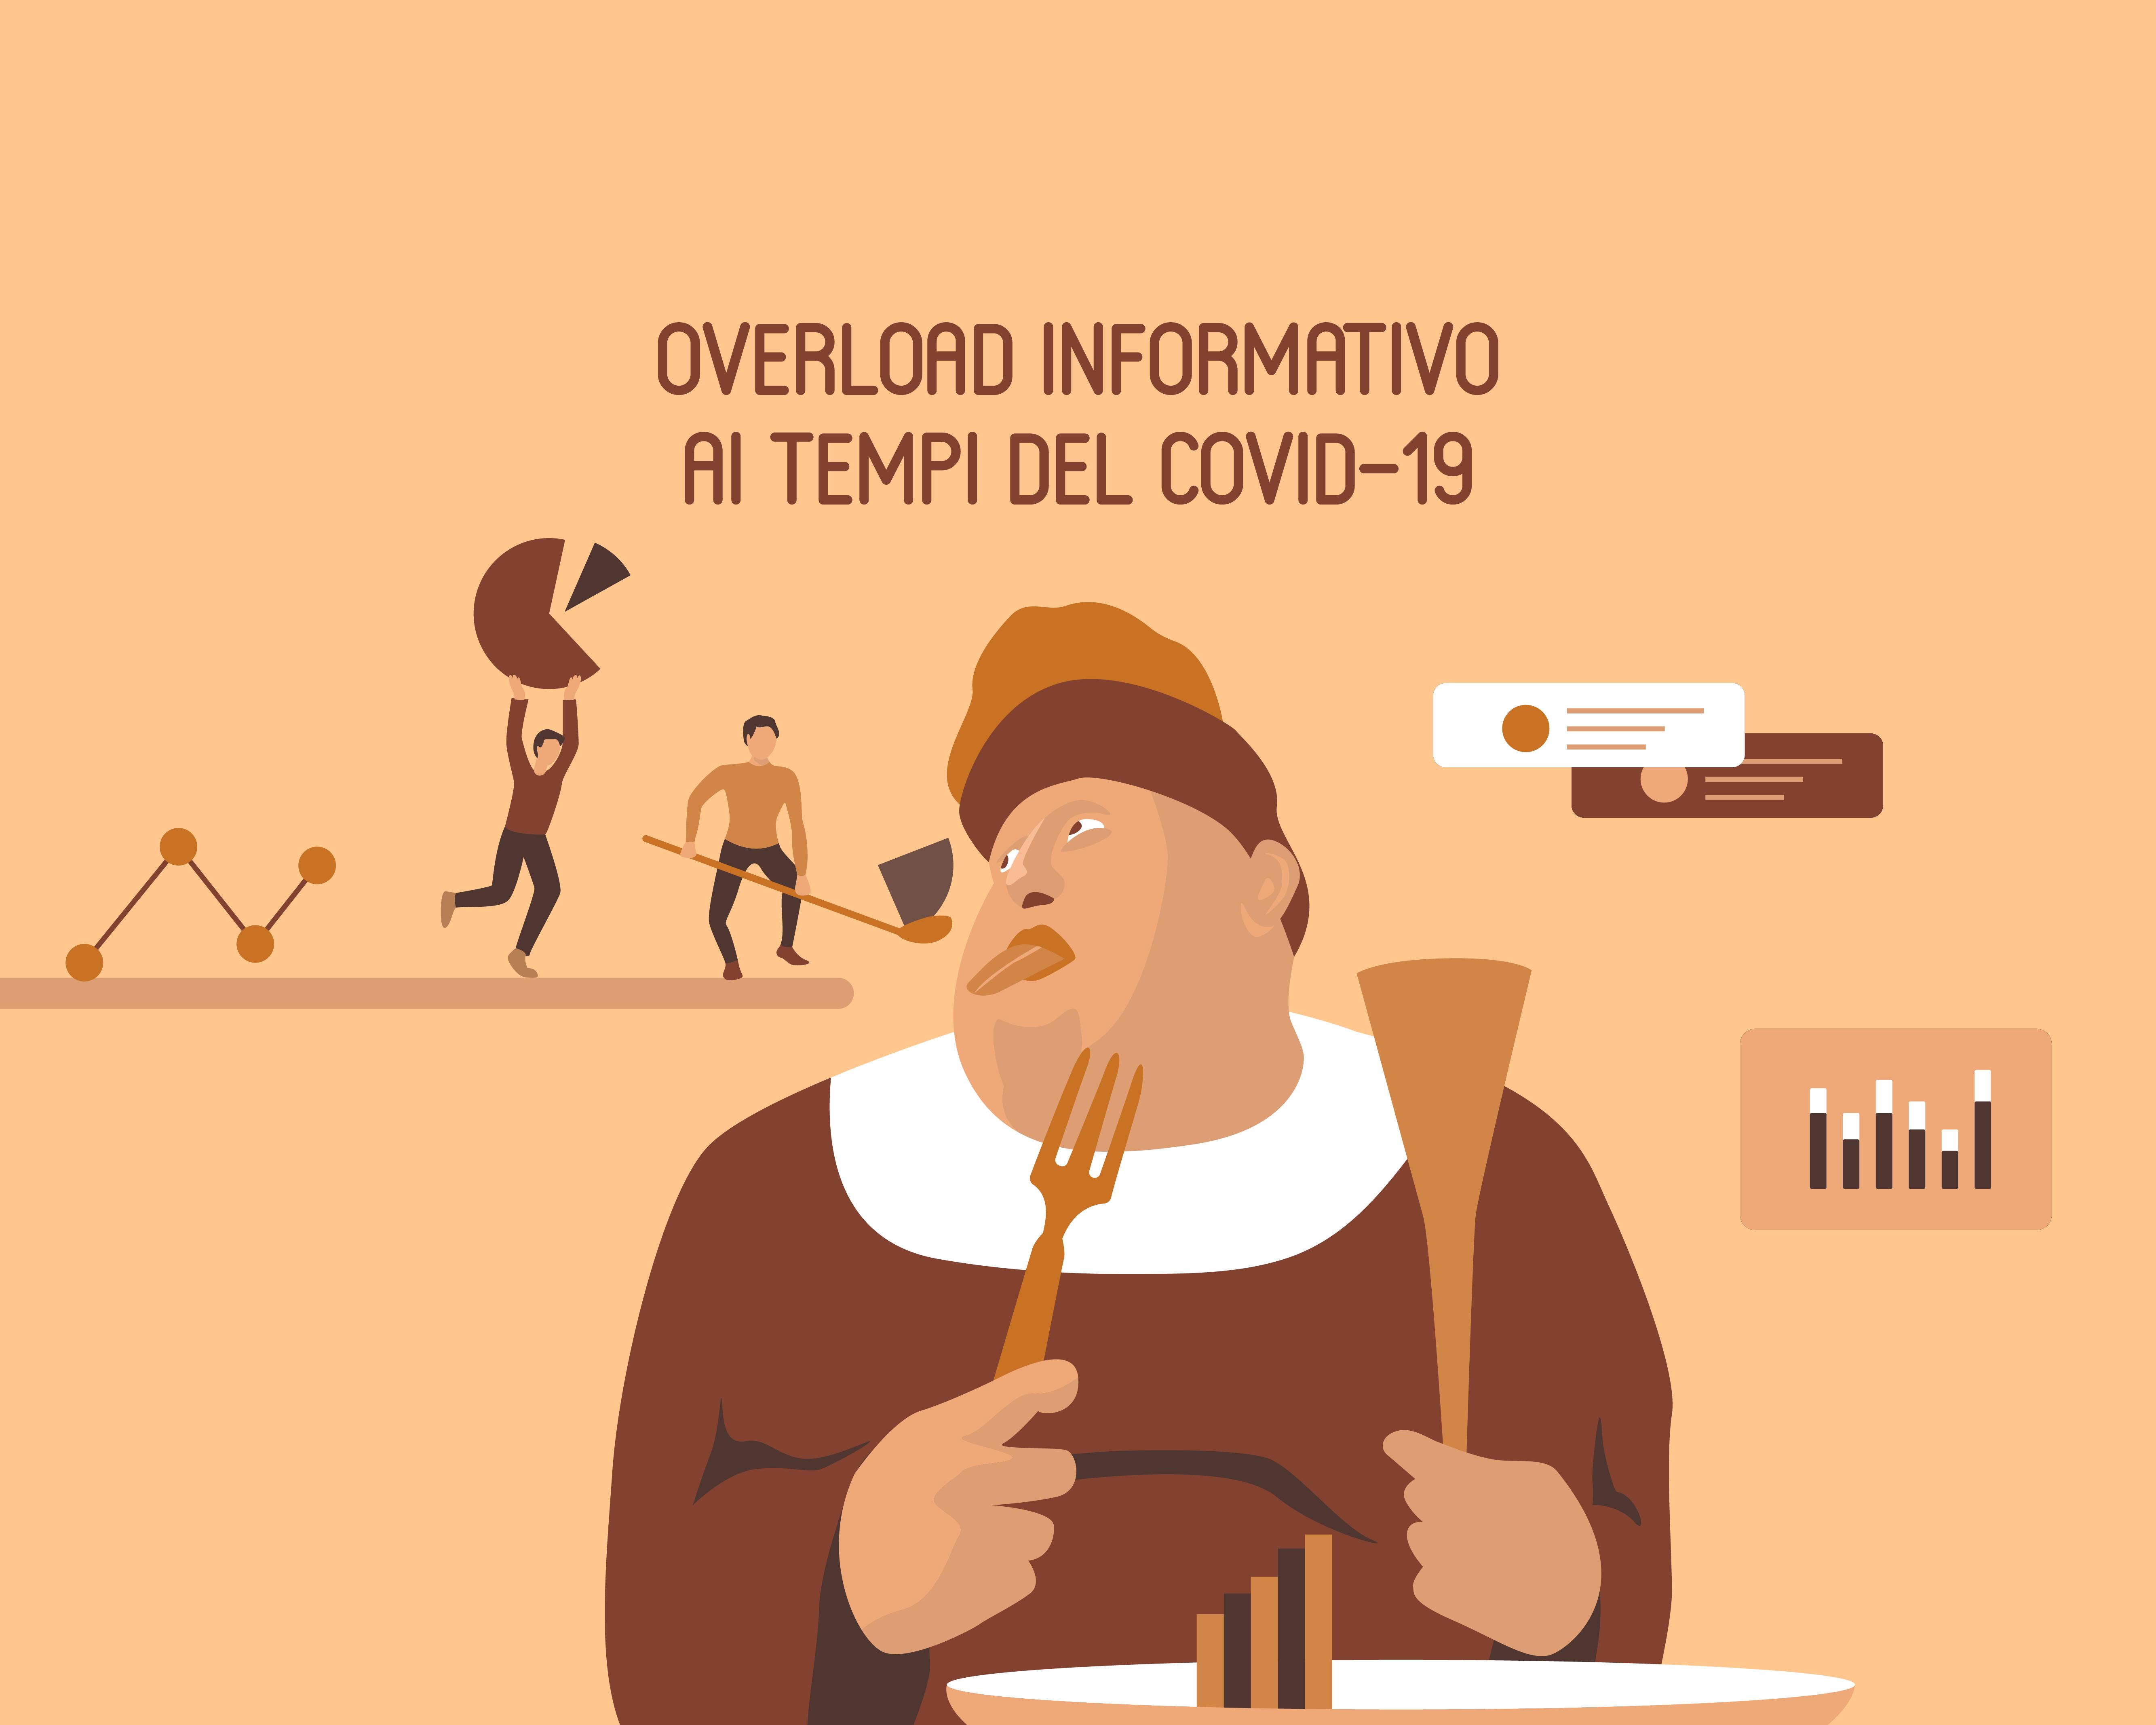 Overload informativo ai tempi del Covid-19